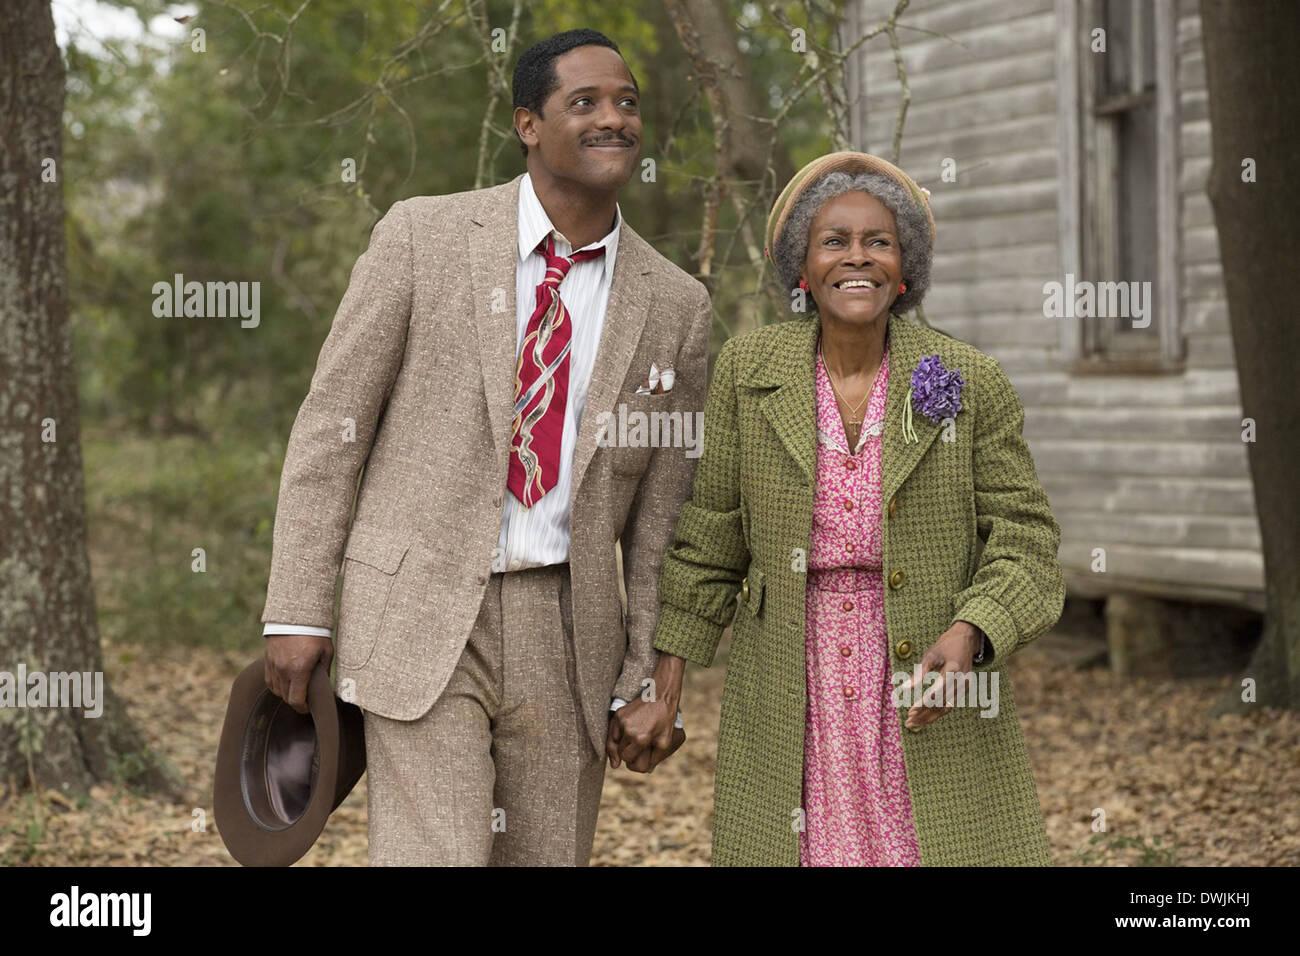 El viaje a la abundante vida 2014 película con Cicely Tyson como la Sra. Watts y Blair Underwood como Luddie vatios Imagen De Stock